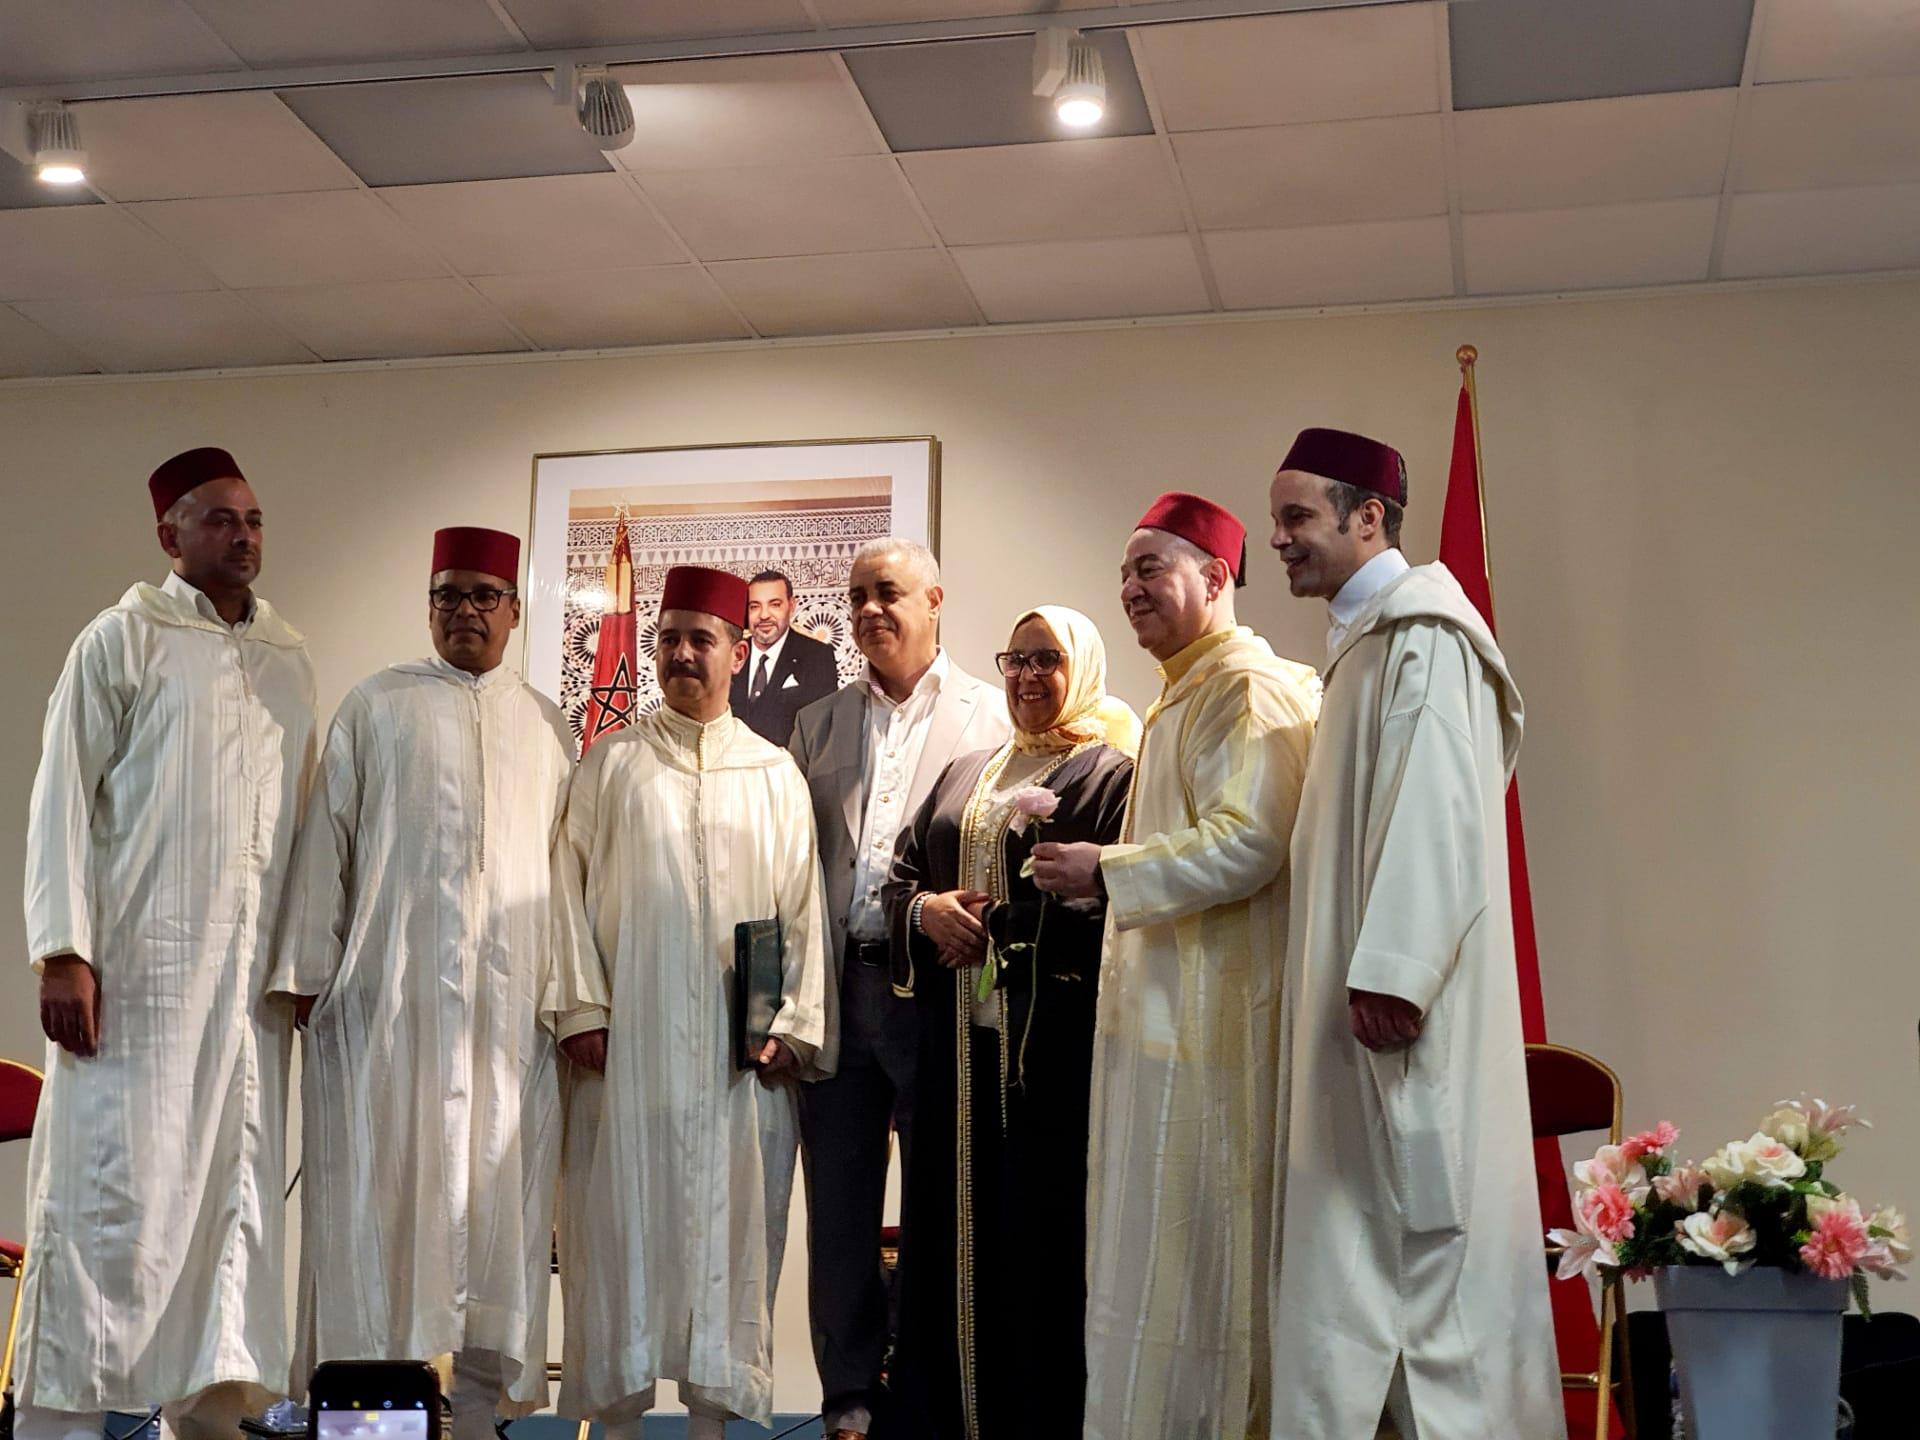 Grand succès de la soirée musicale et artistique au Consulat du Maroc à Bruxelles